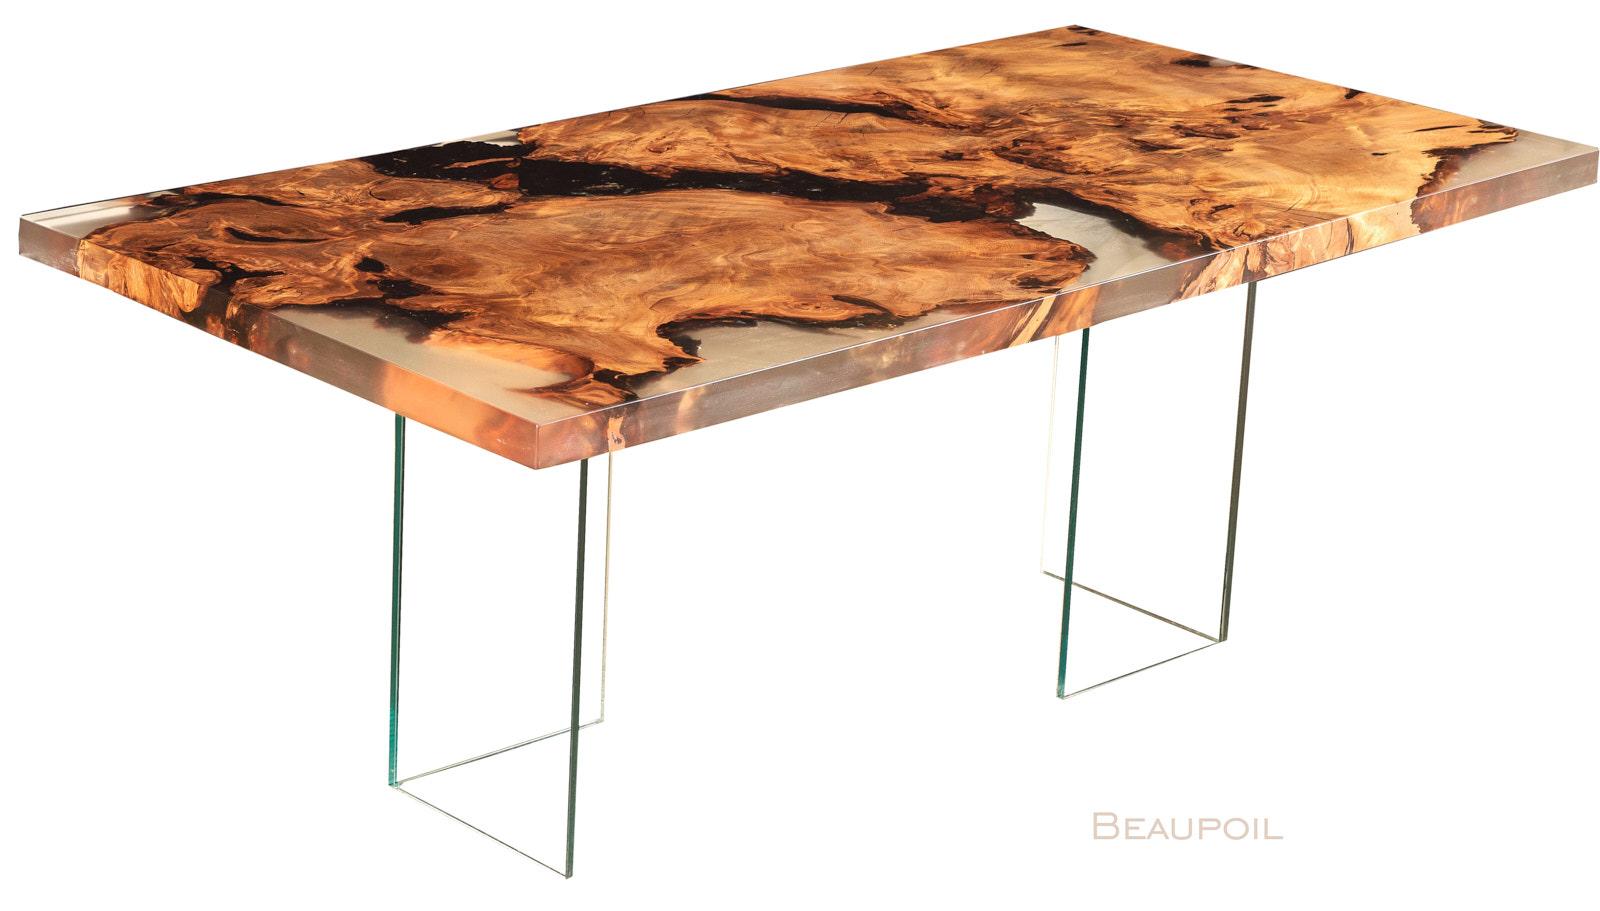 Exklusiver Designertisch aus einer kunstvollen Kauri Wurzel mit modernen Glasfüßen ist ein einzigartiges Unikat und Geldanlage und steht für unverwechselbares Möbeldesign